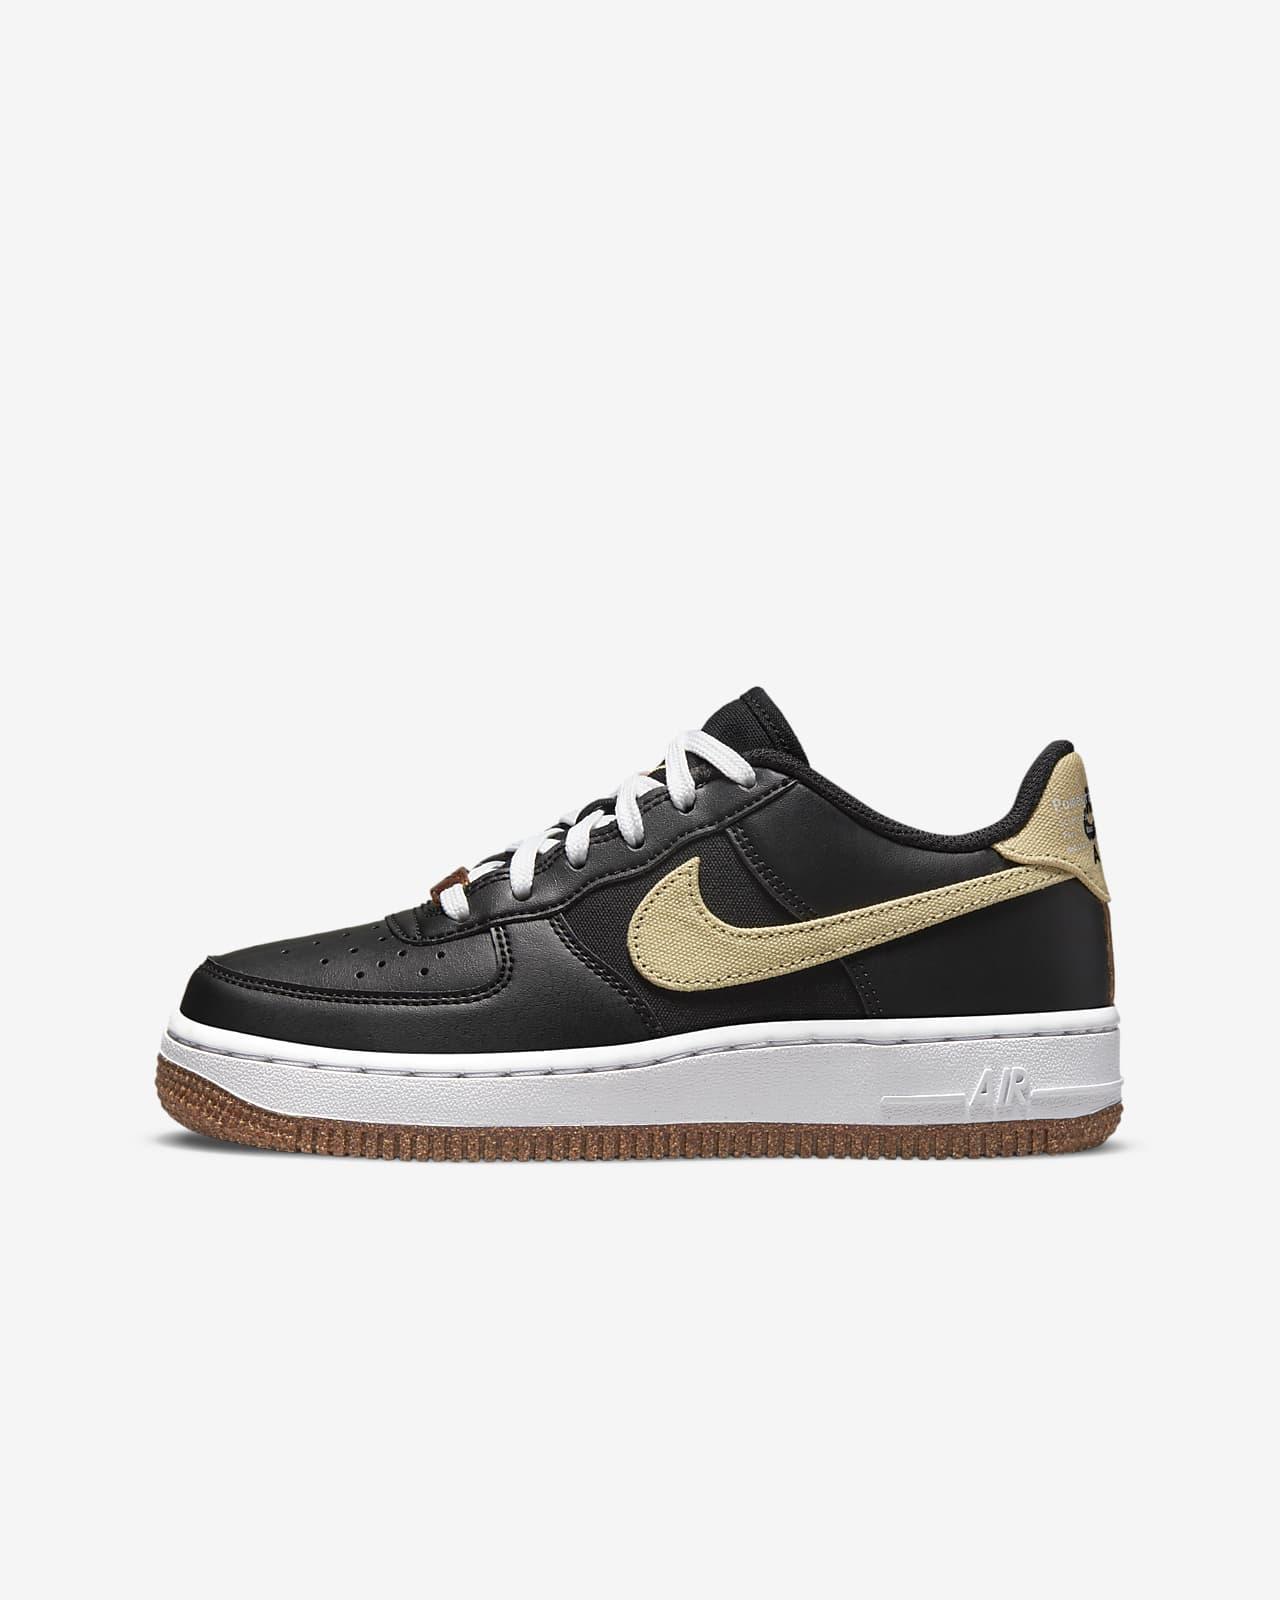 Sapatilhas Nike Air Force 1 LV8 Júnior